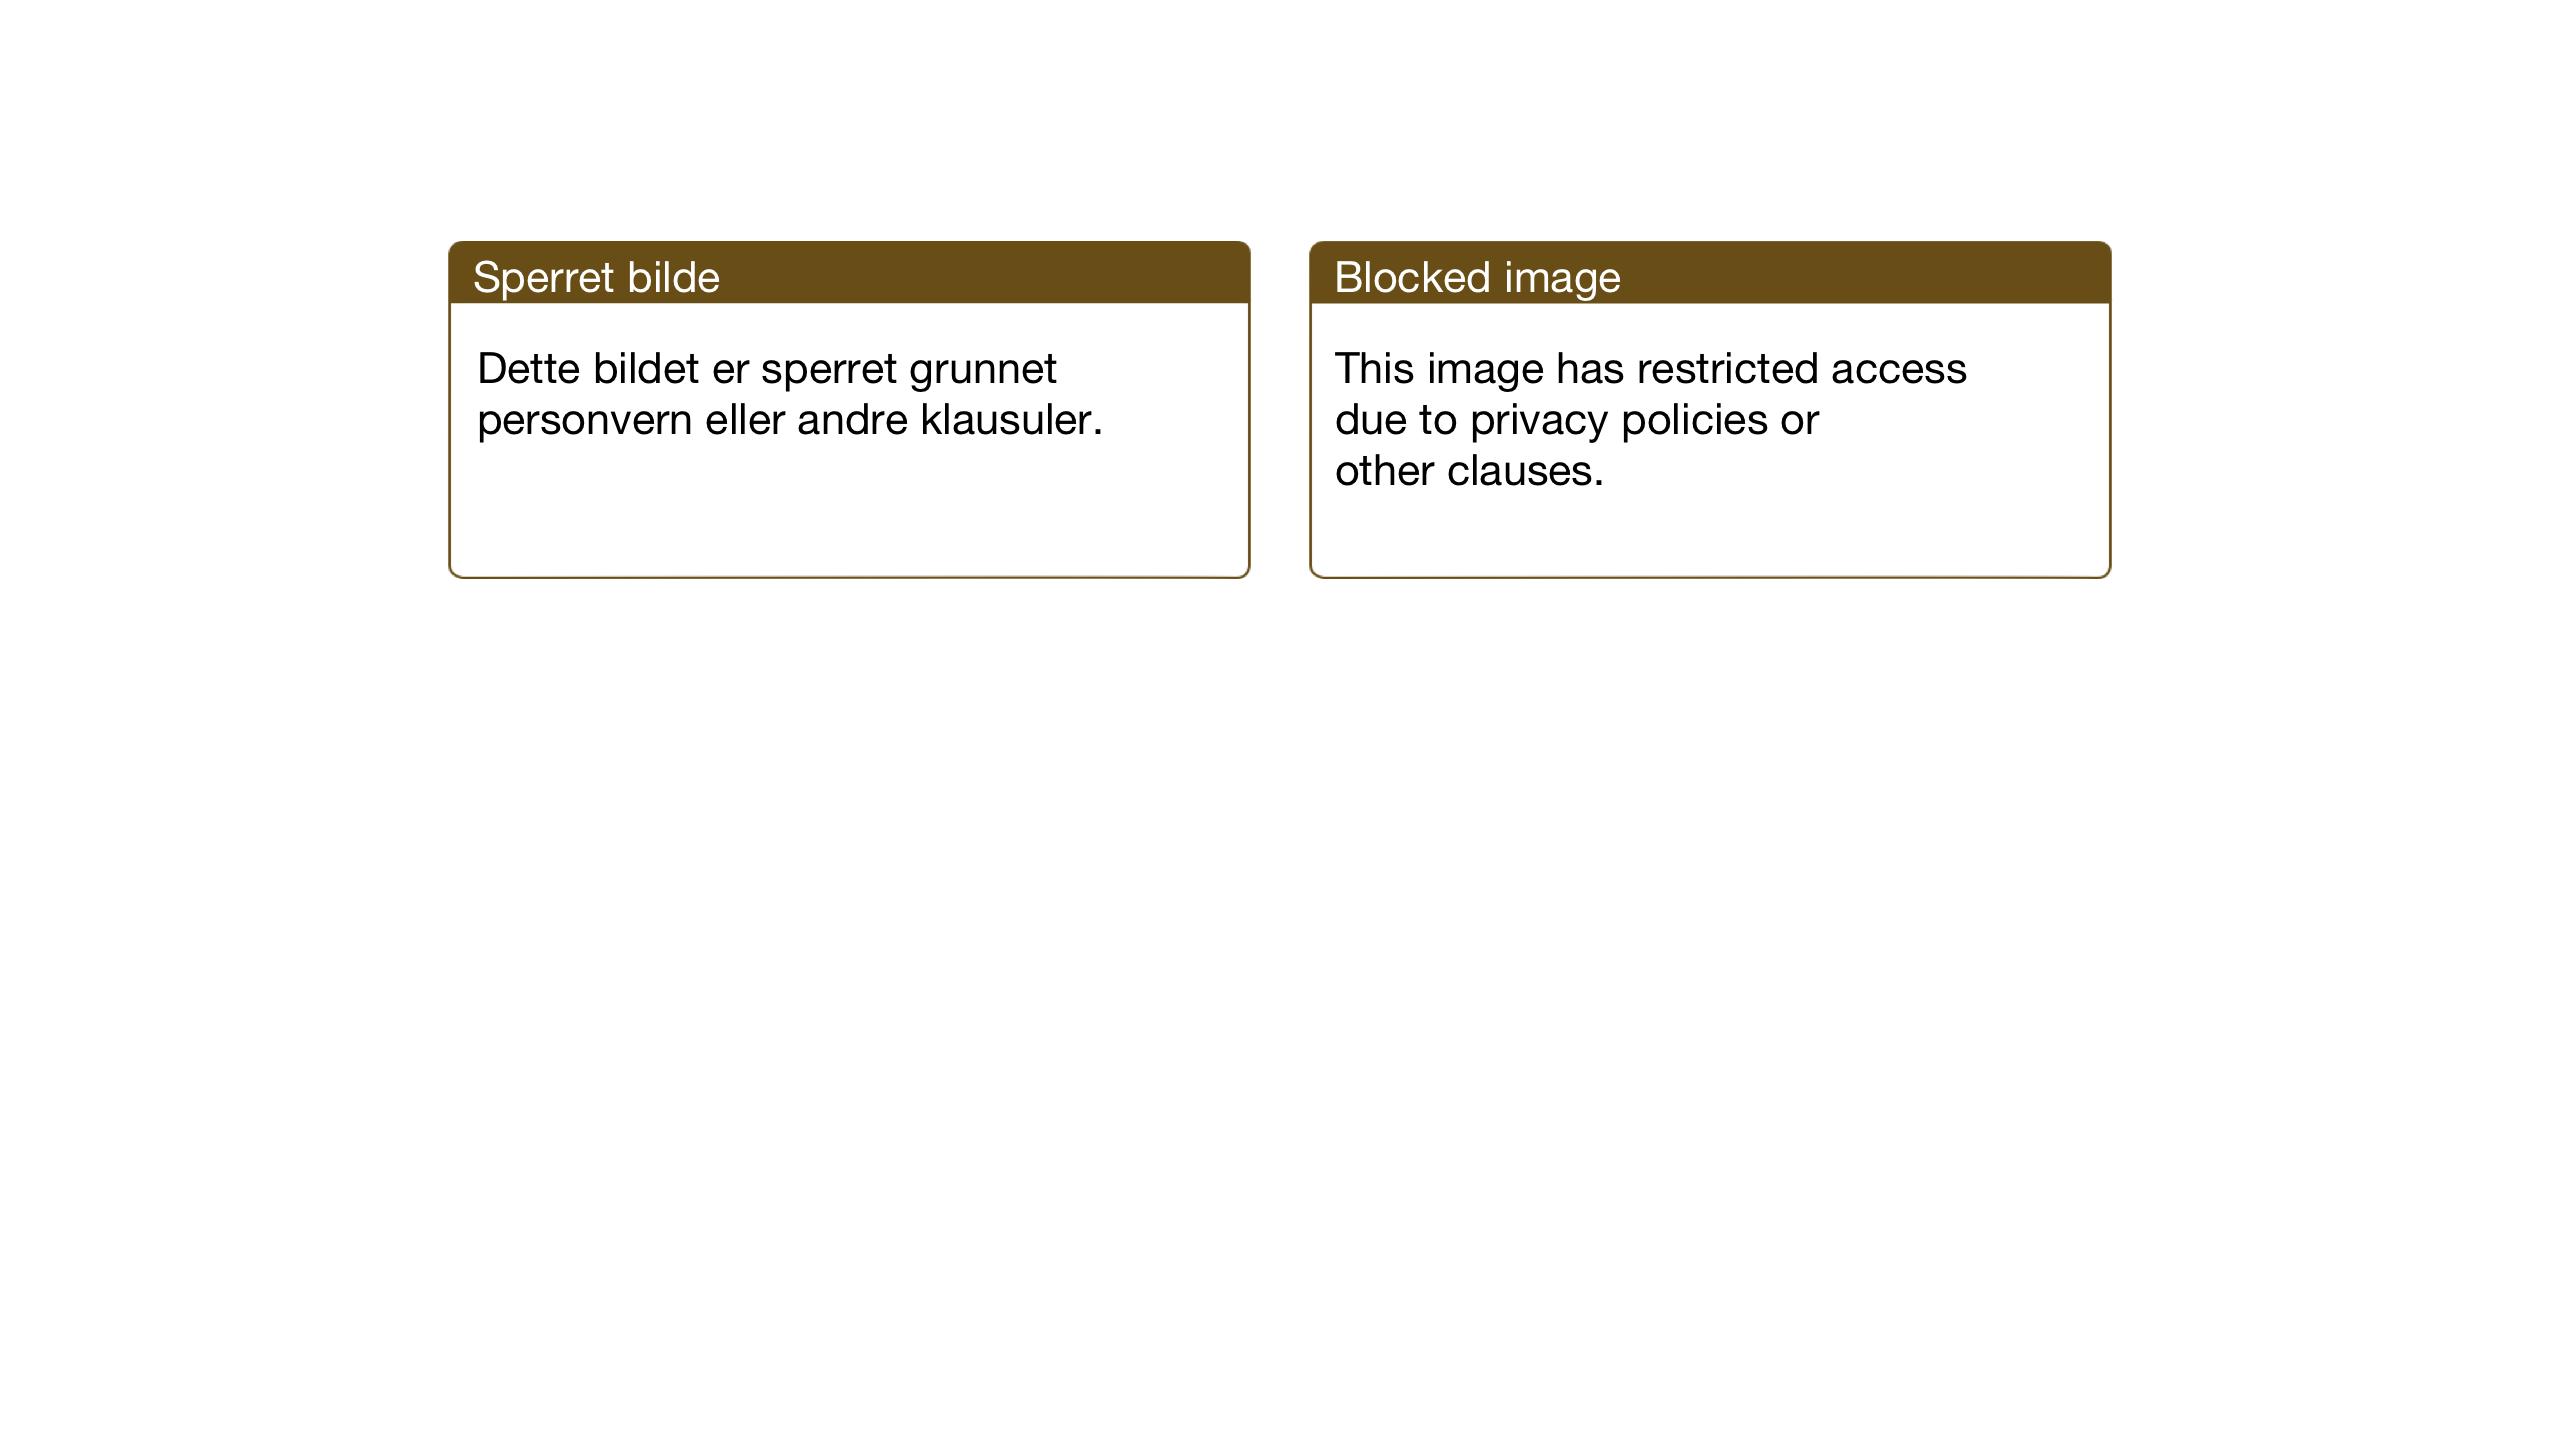 SAT, Ministerialprotokoller, klokkerbøker og fødselsregistre - Sør-Trøndelag, 602/L0151: Klokkerbok nr. 602C19, 1925-1951, s. 147